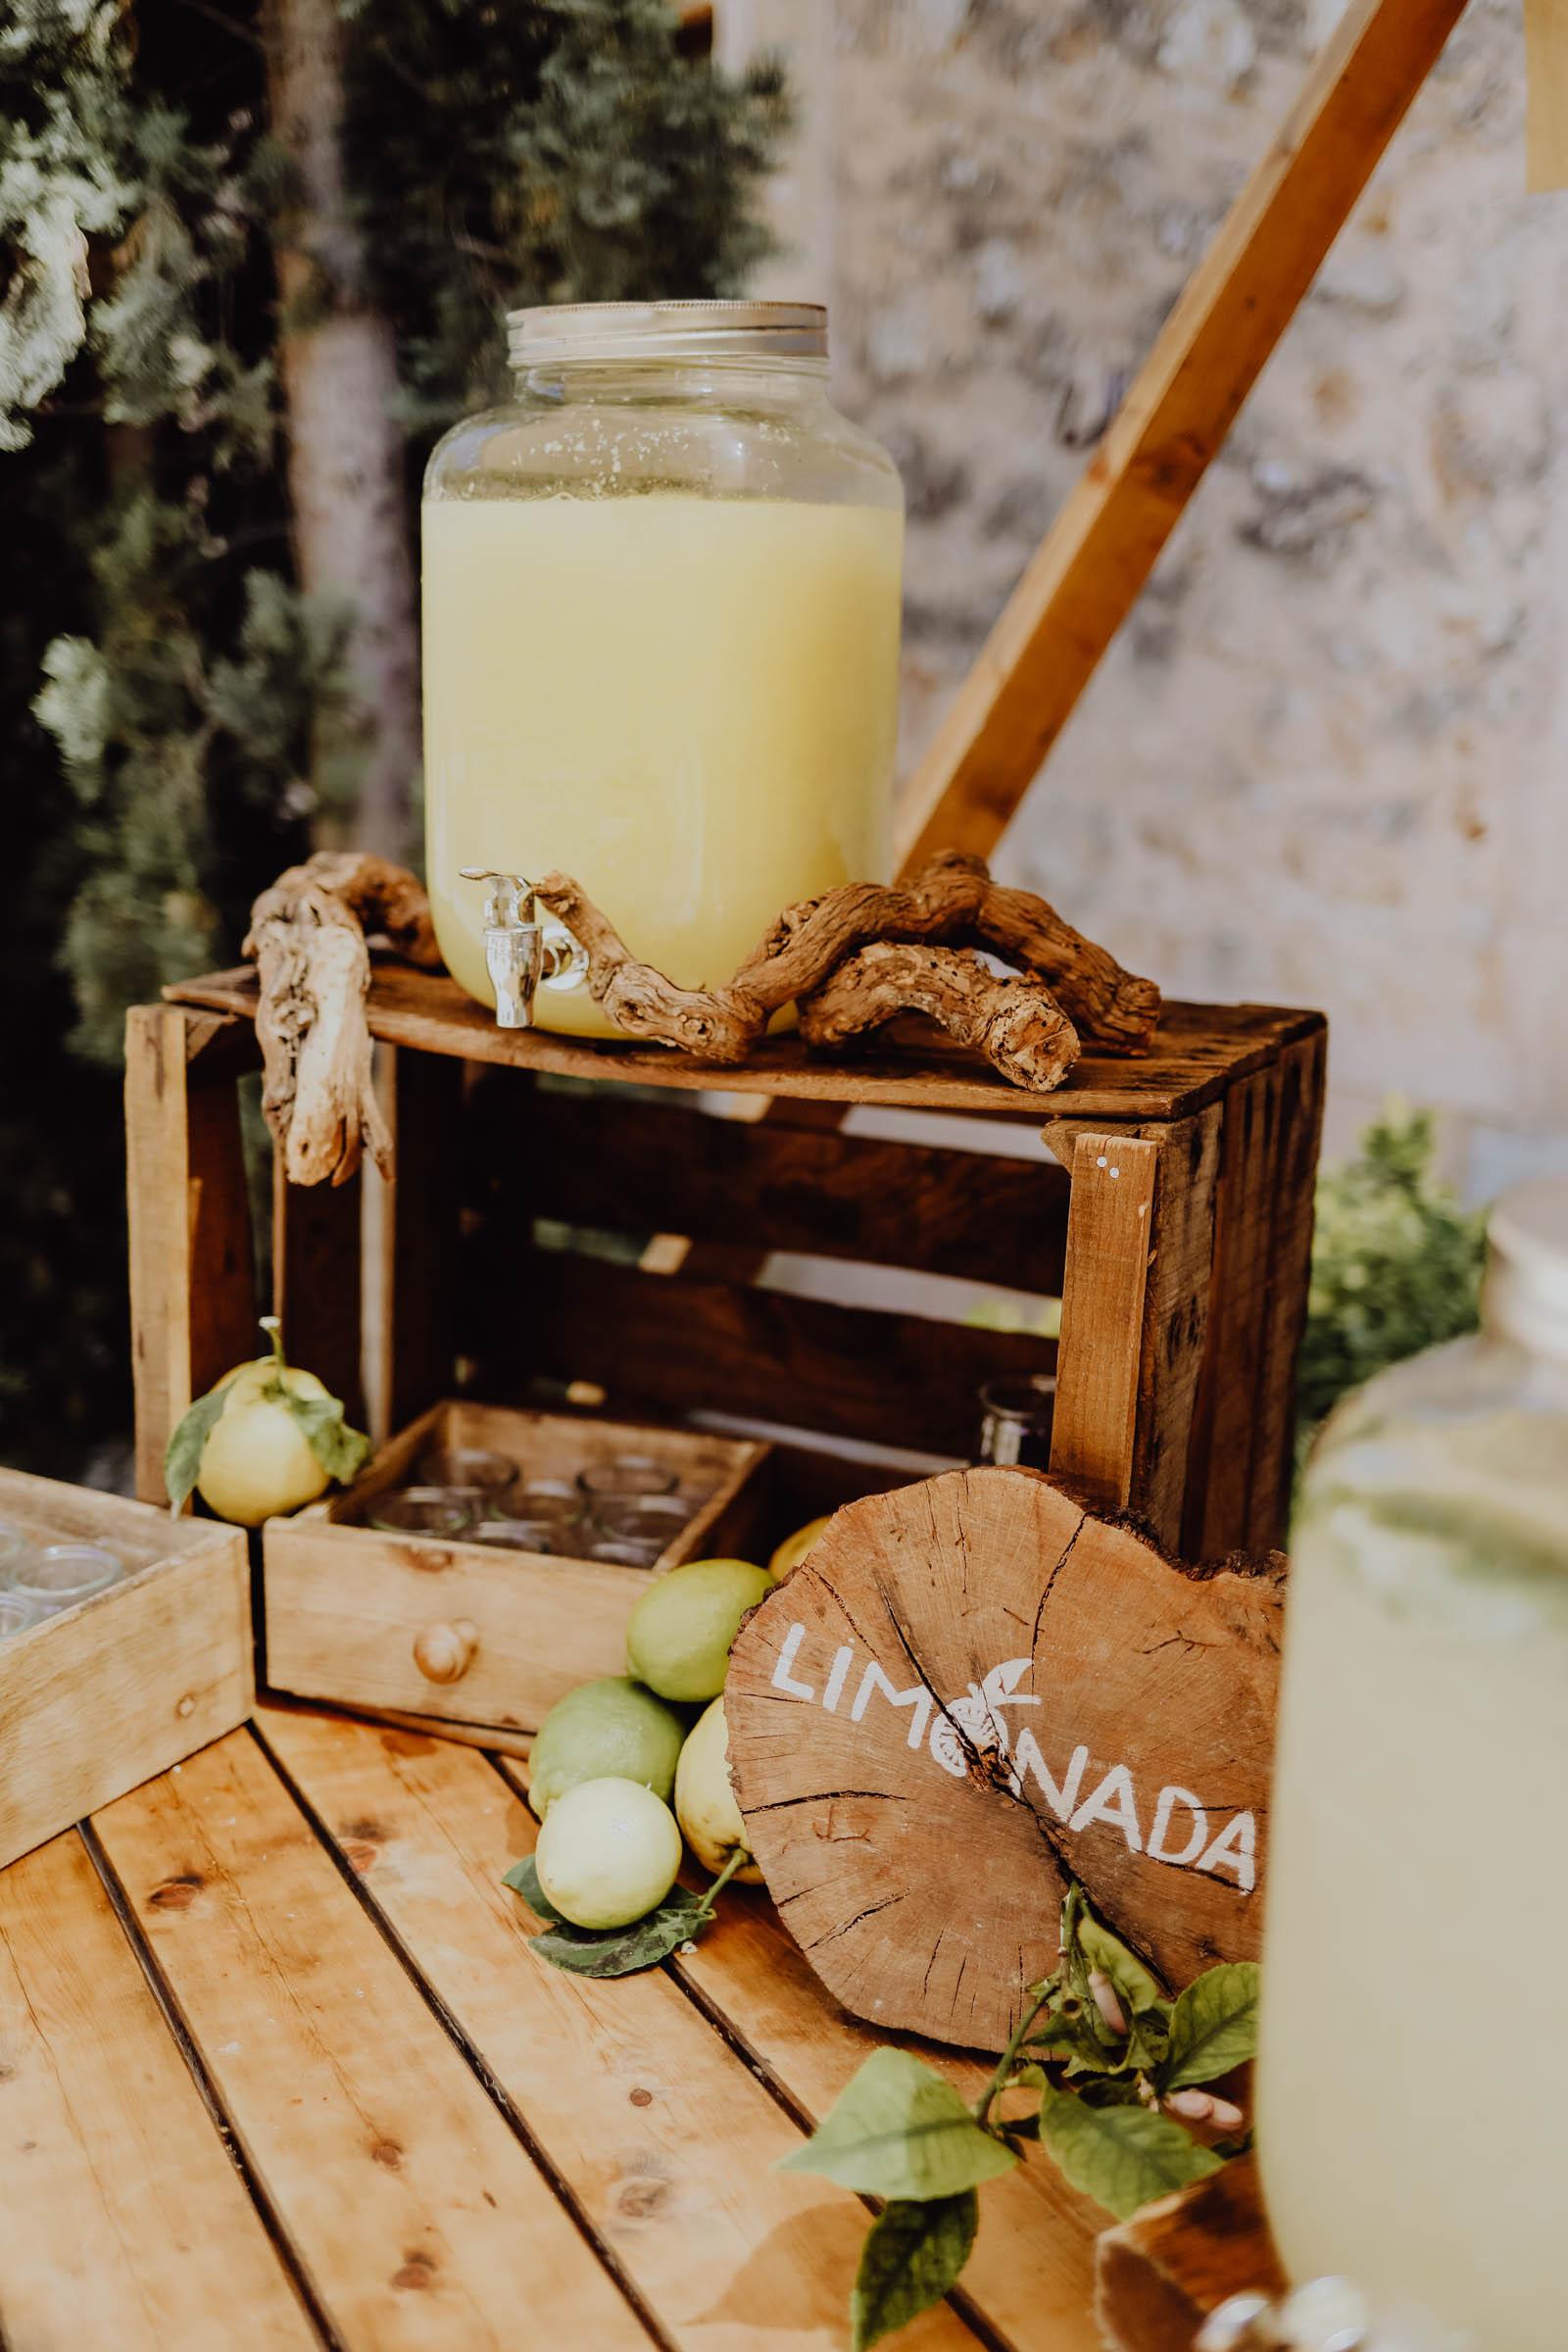 Holzdekoration mit Limonen und Saftglas